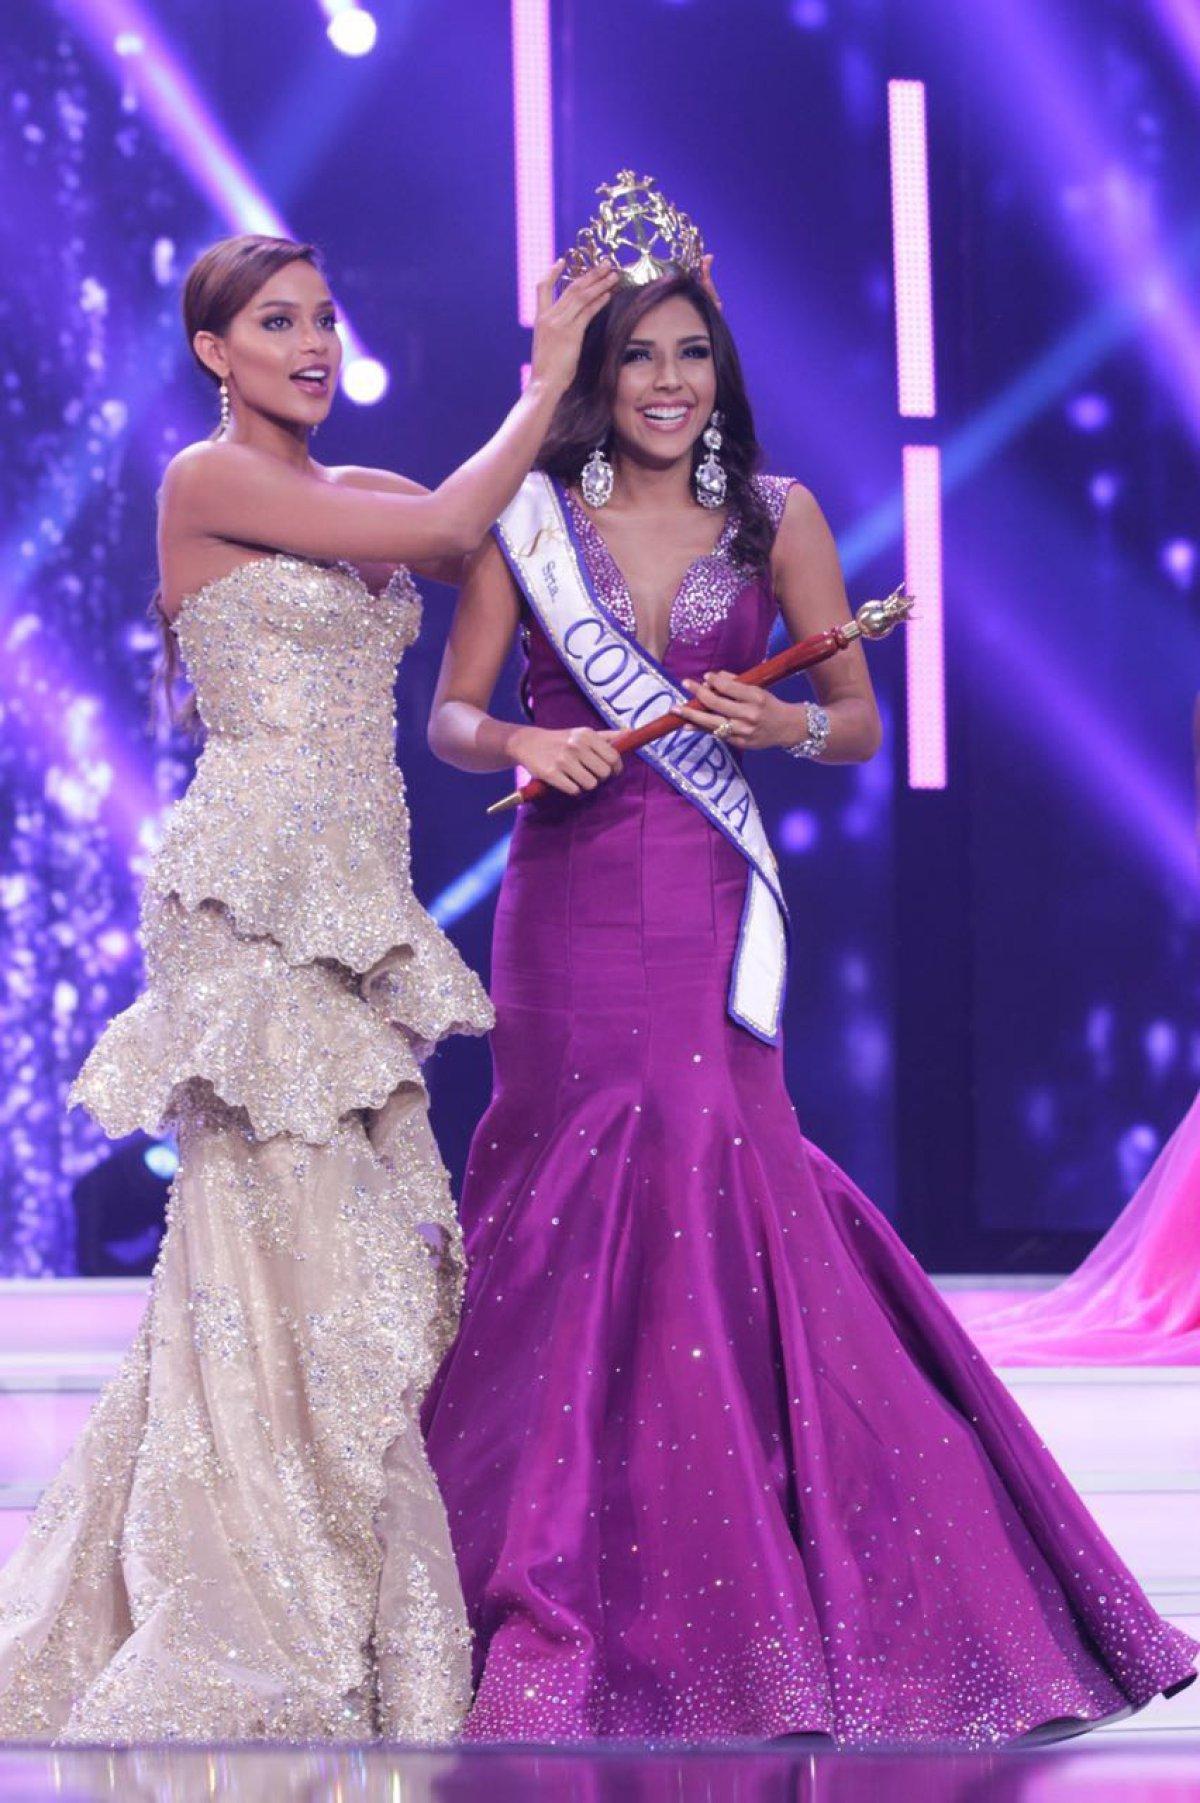 laura gonzalez, 1st runner-up de miss universe 2017. - Página 4 8b054410